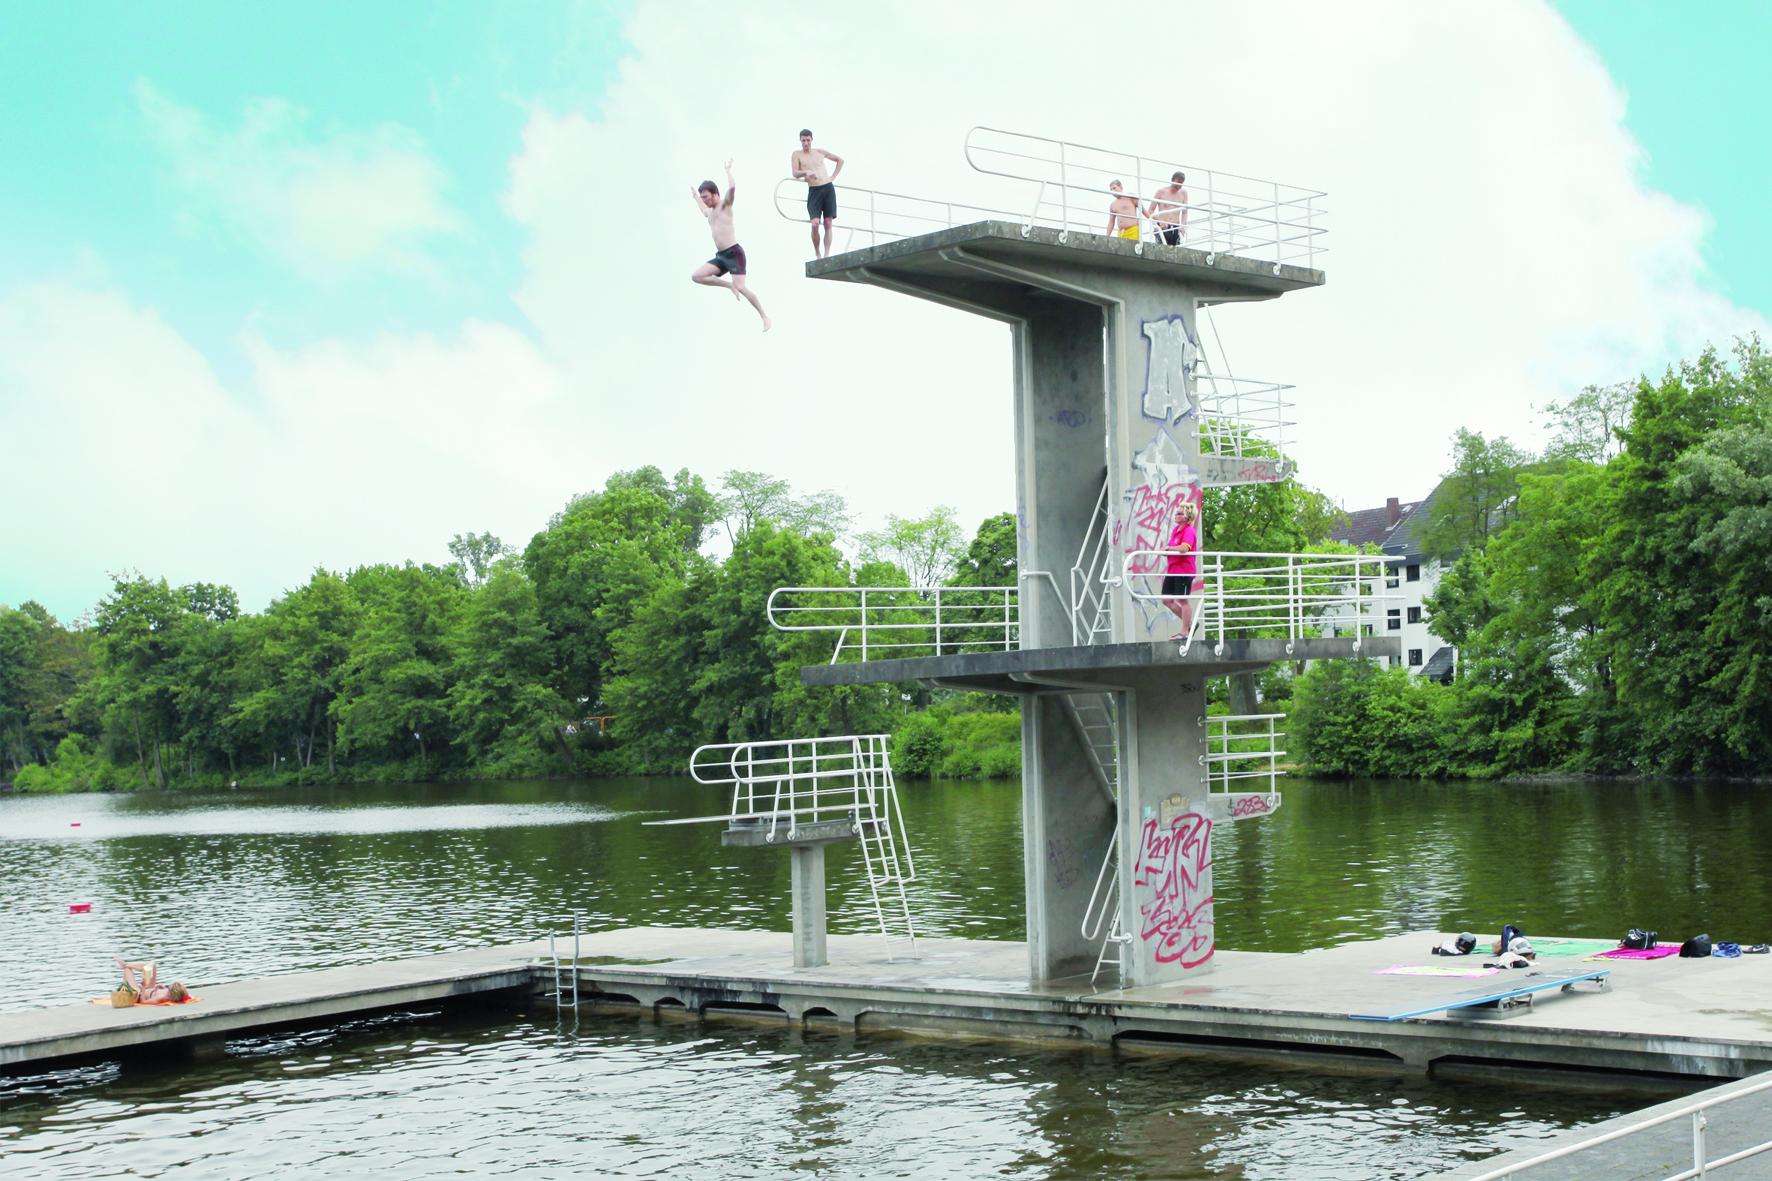 Schwimmbäder Darmstadt über freibäder und sprungtürme p stadtkultur darmstadtp